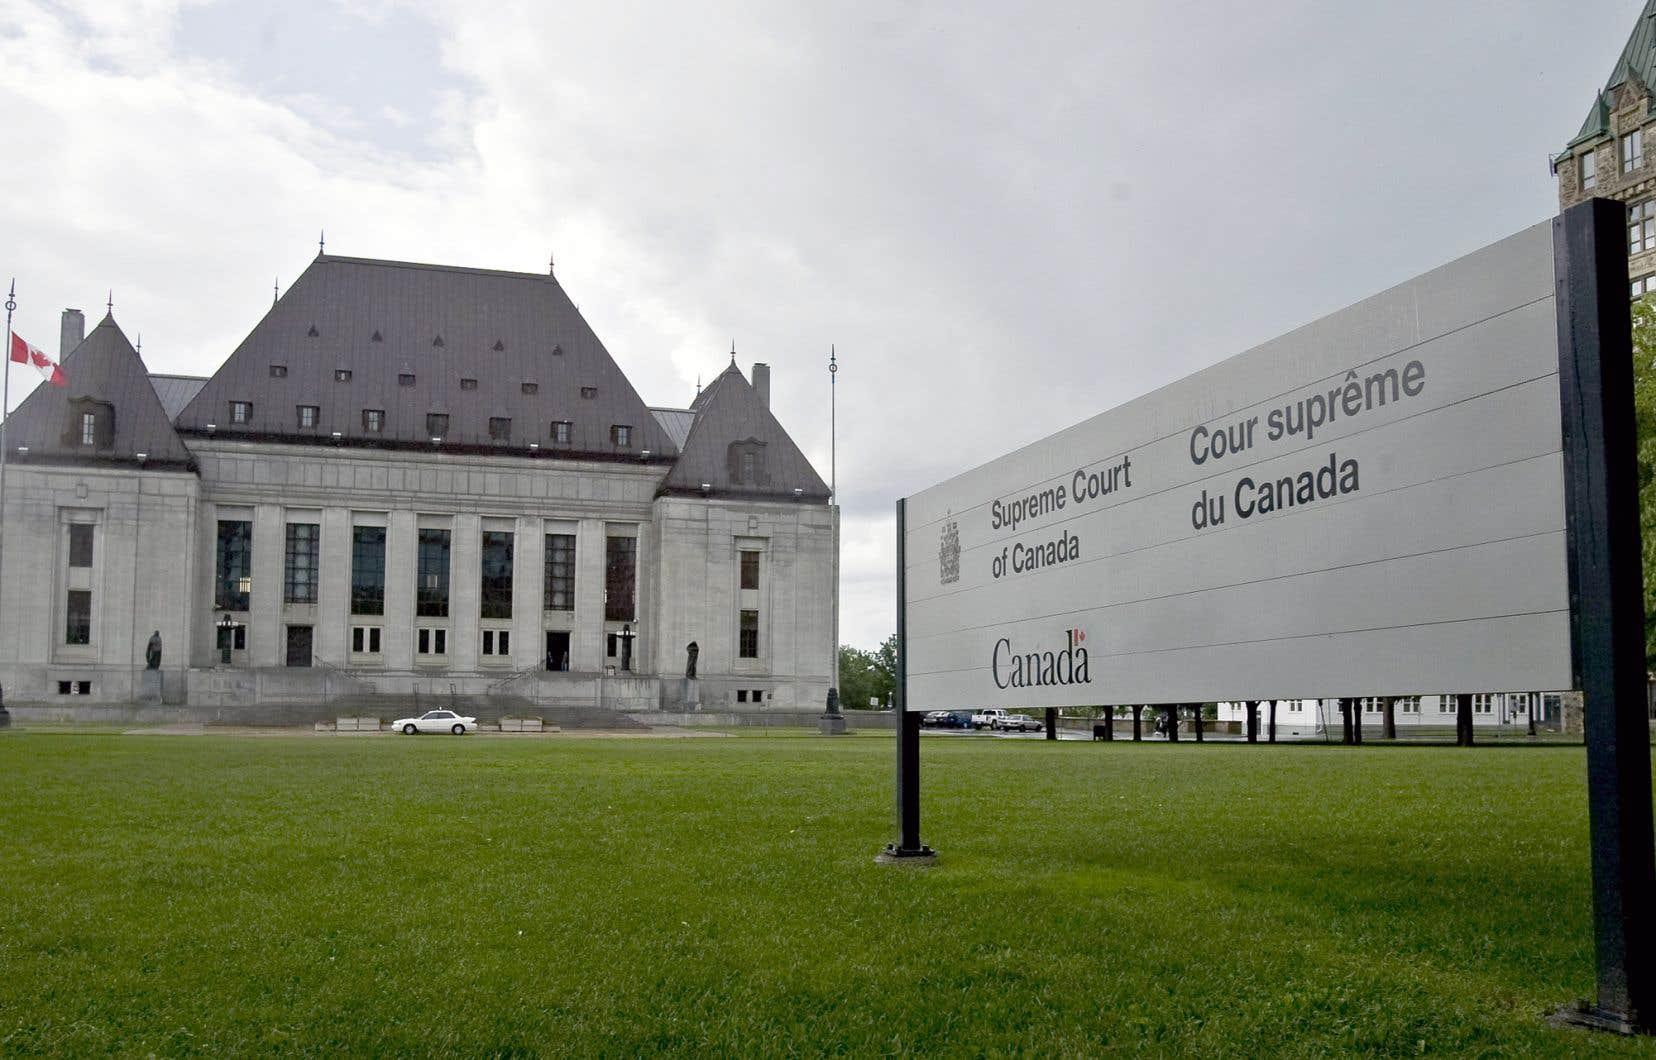 En 2011, la Cour suprême avait affirmé que le projet d'Ottawa allait à l'encontre de la Constitution en raison des compétences déjà reconnues aux provinces en cette matière.